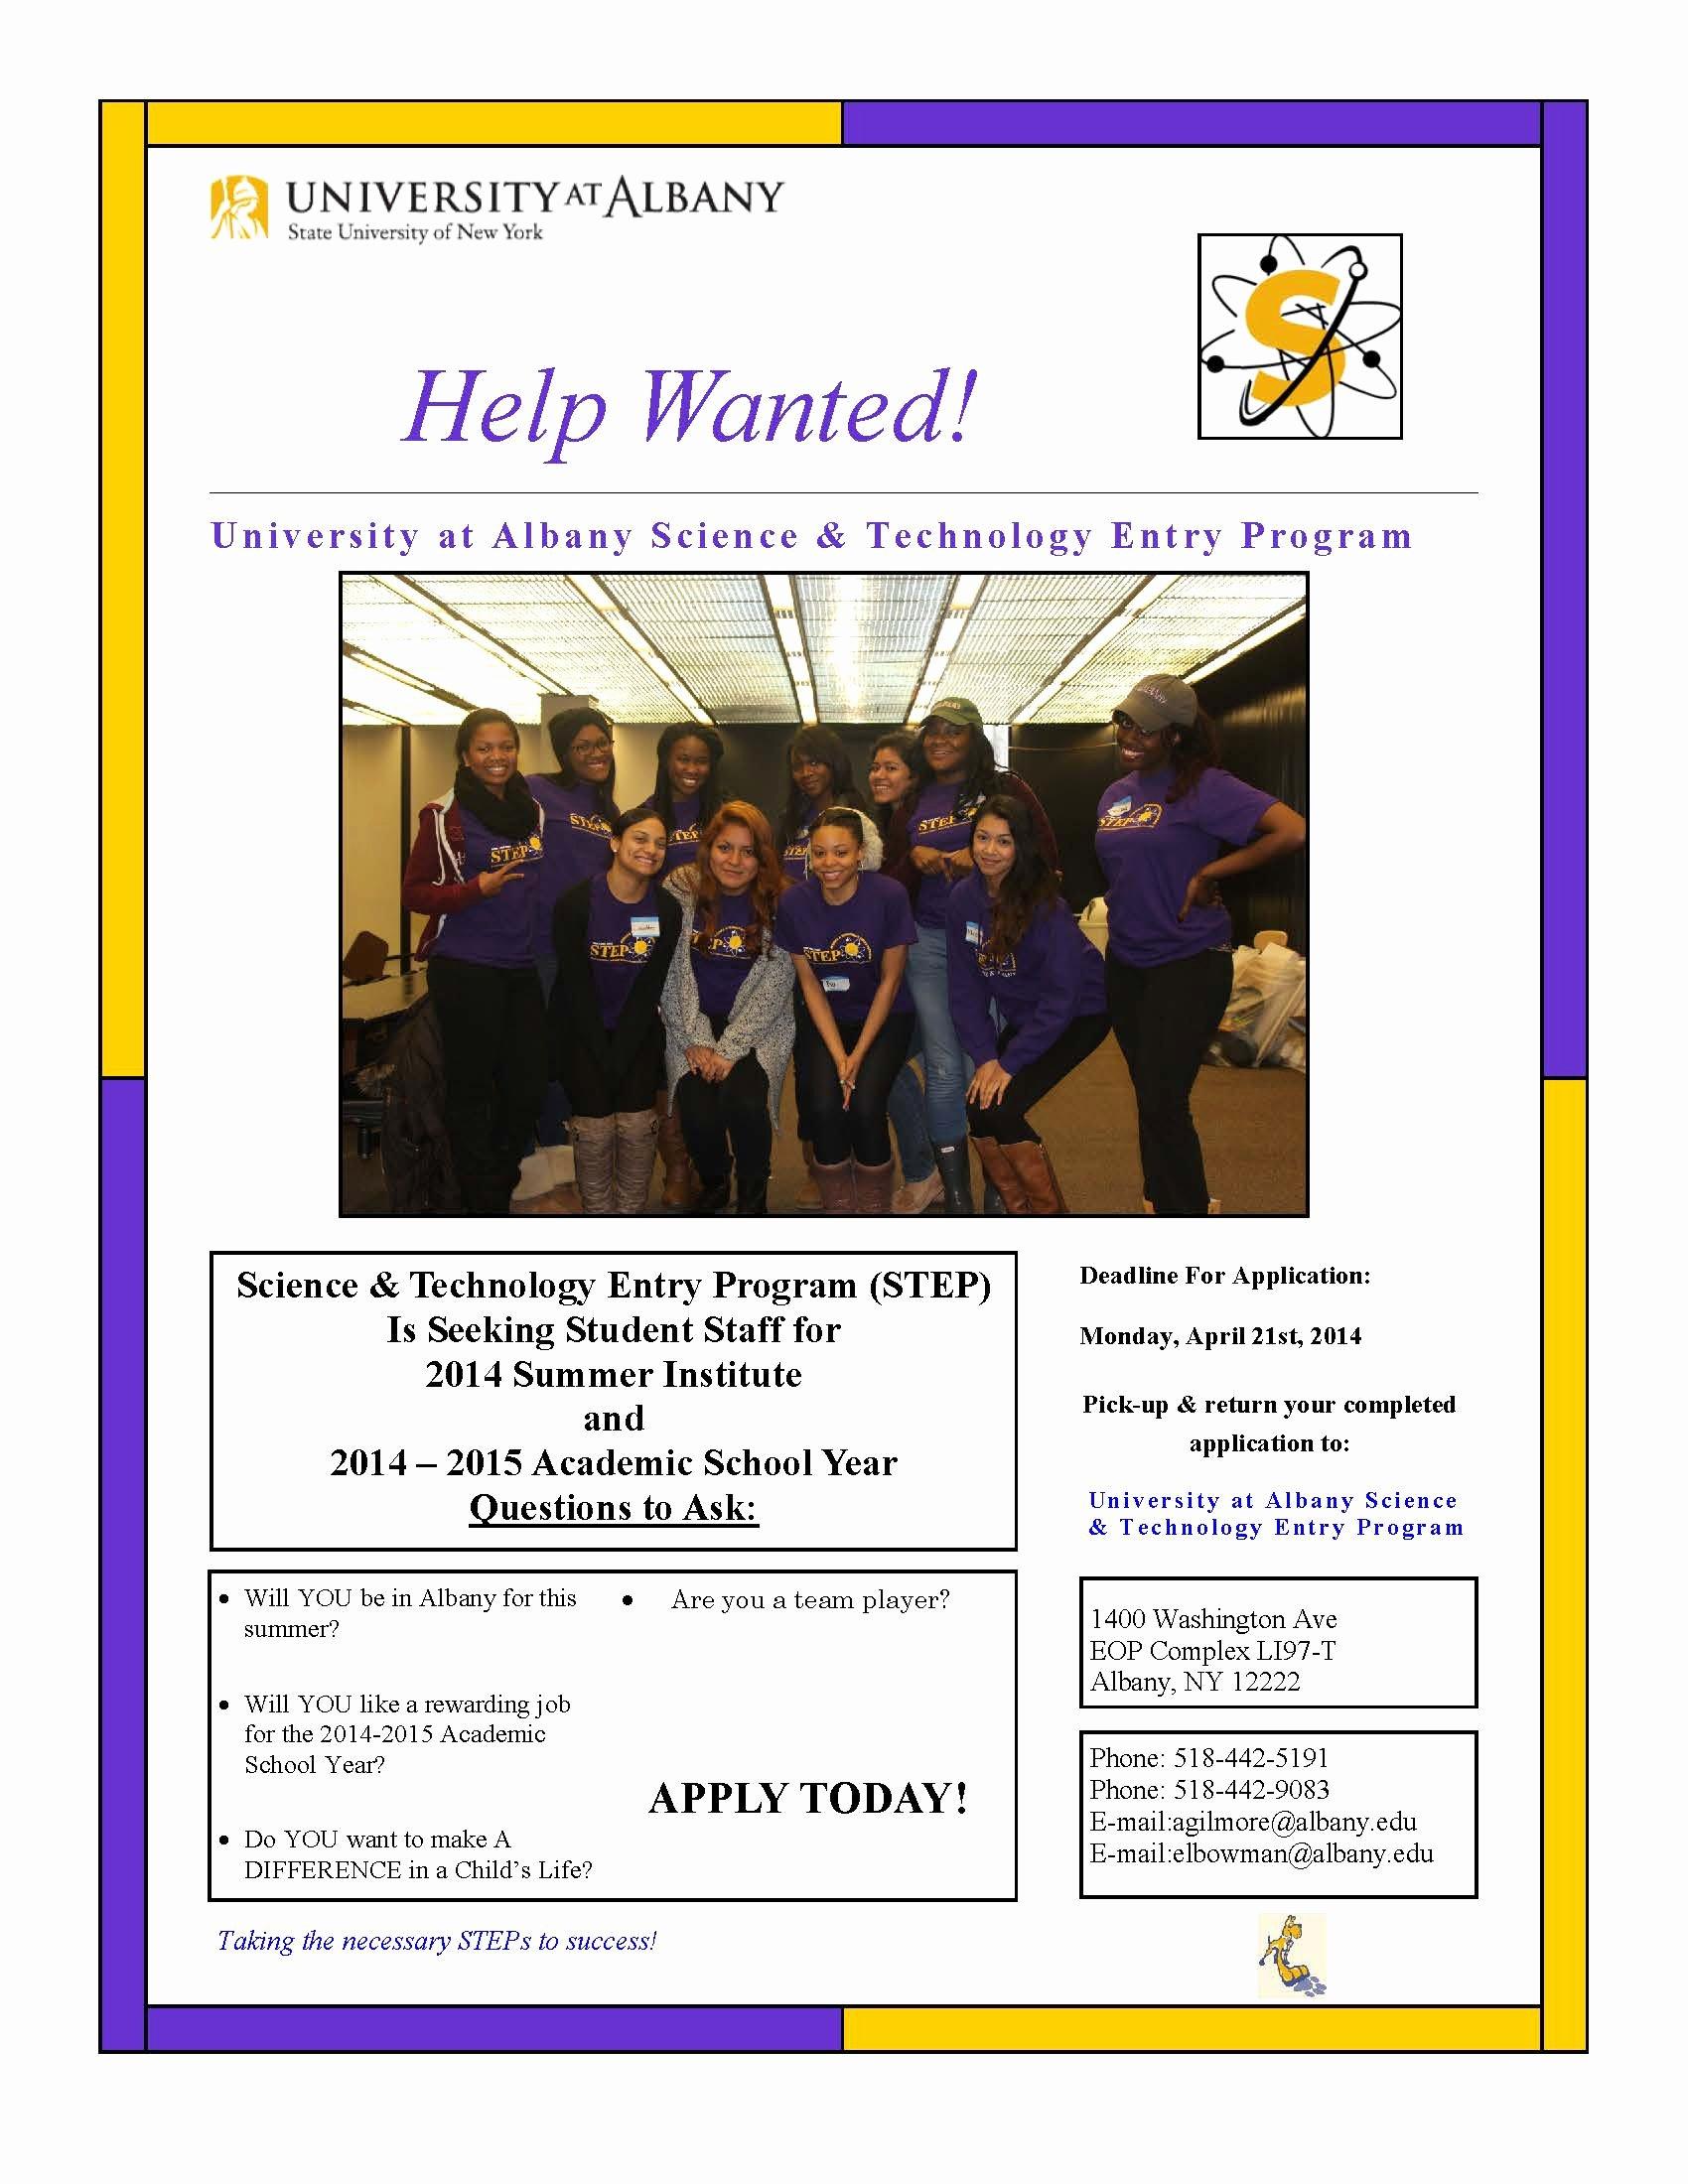 Help Wanted Flyer Template Portablegasgrillweber